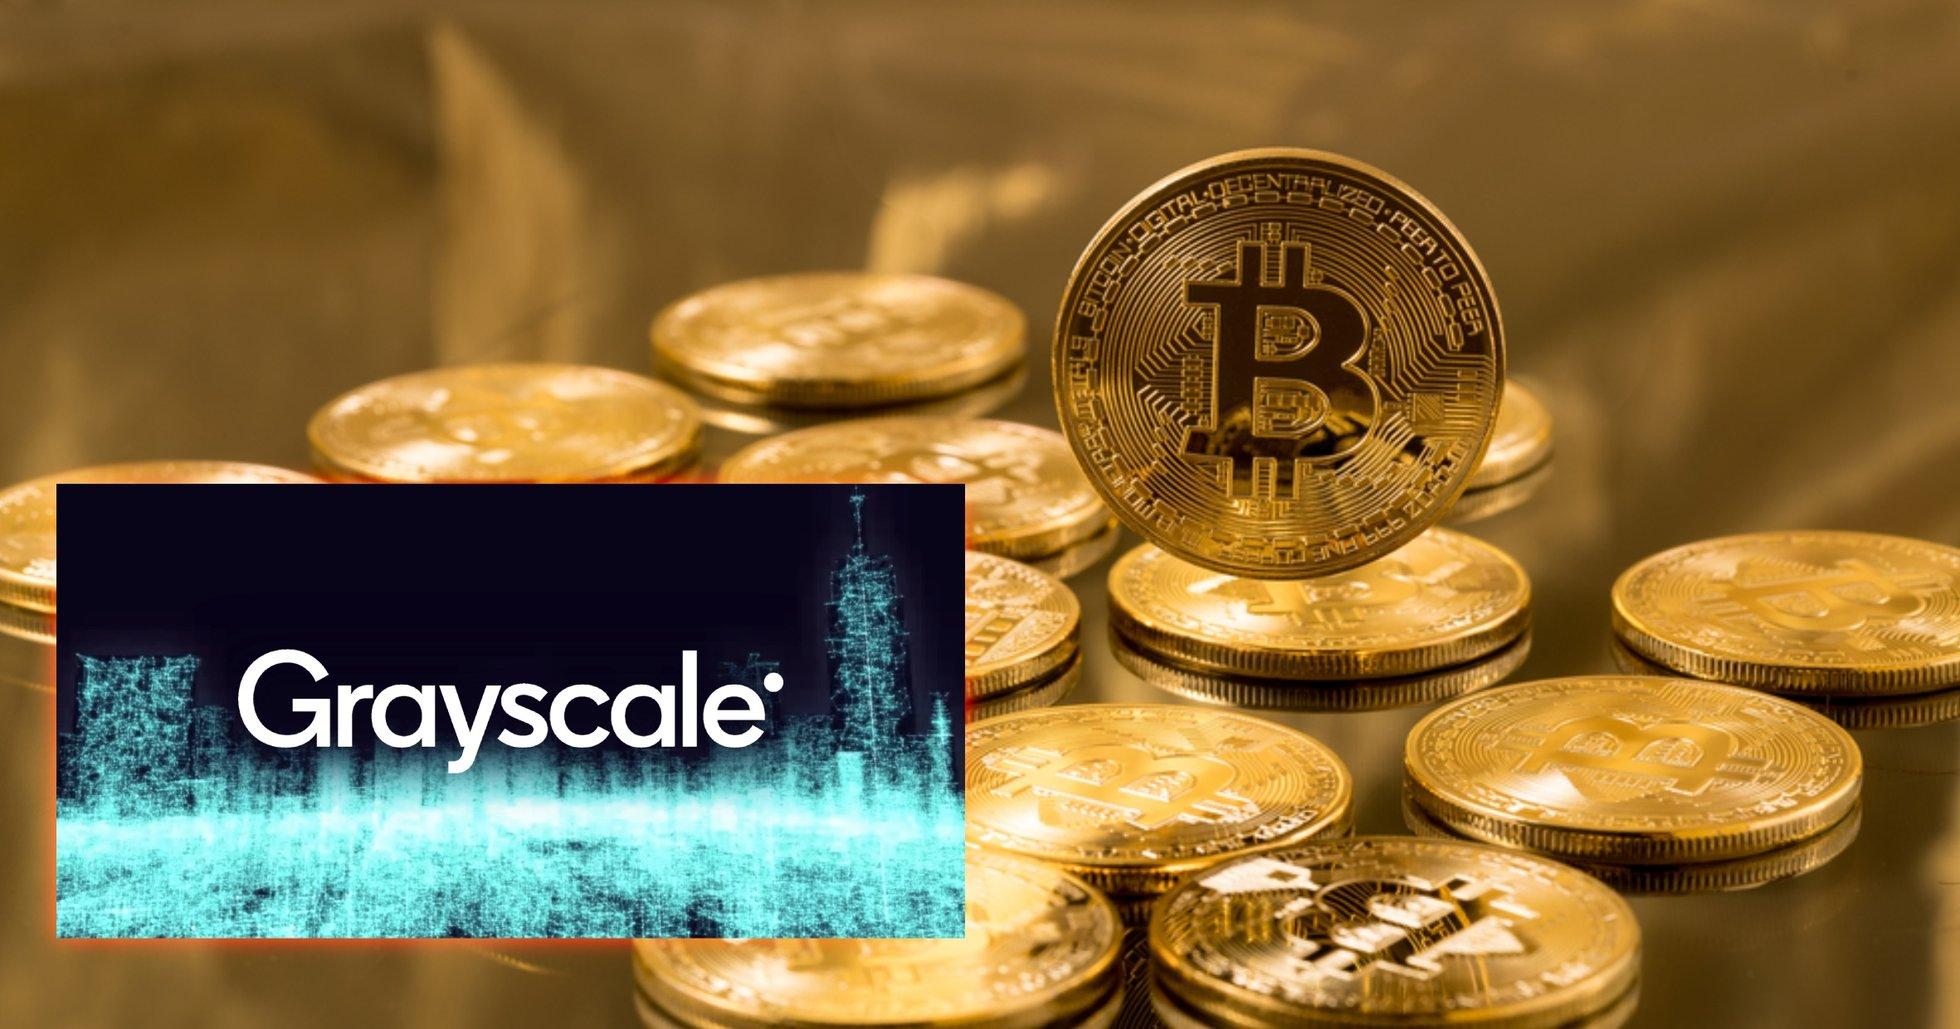 Fond köpte bitcoin för 57 miljarder på 100 dagar – motsvarar en tredjedel av alla nya coins